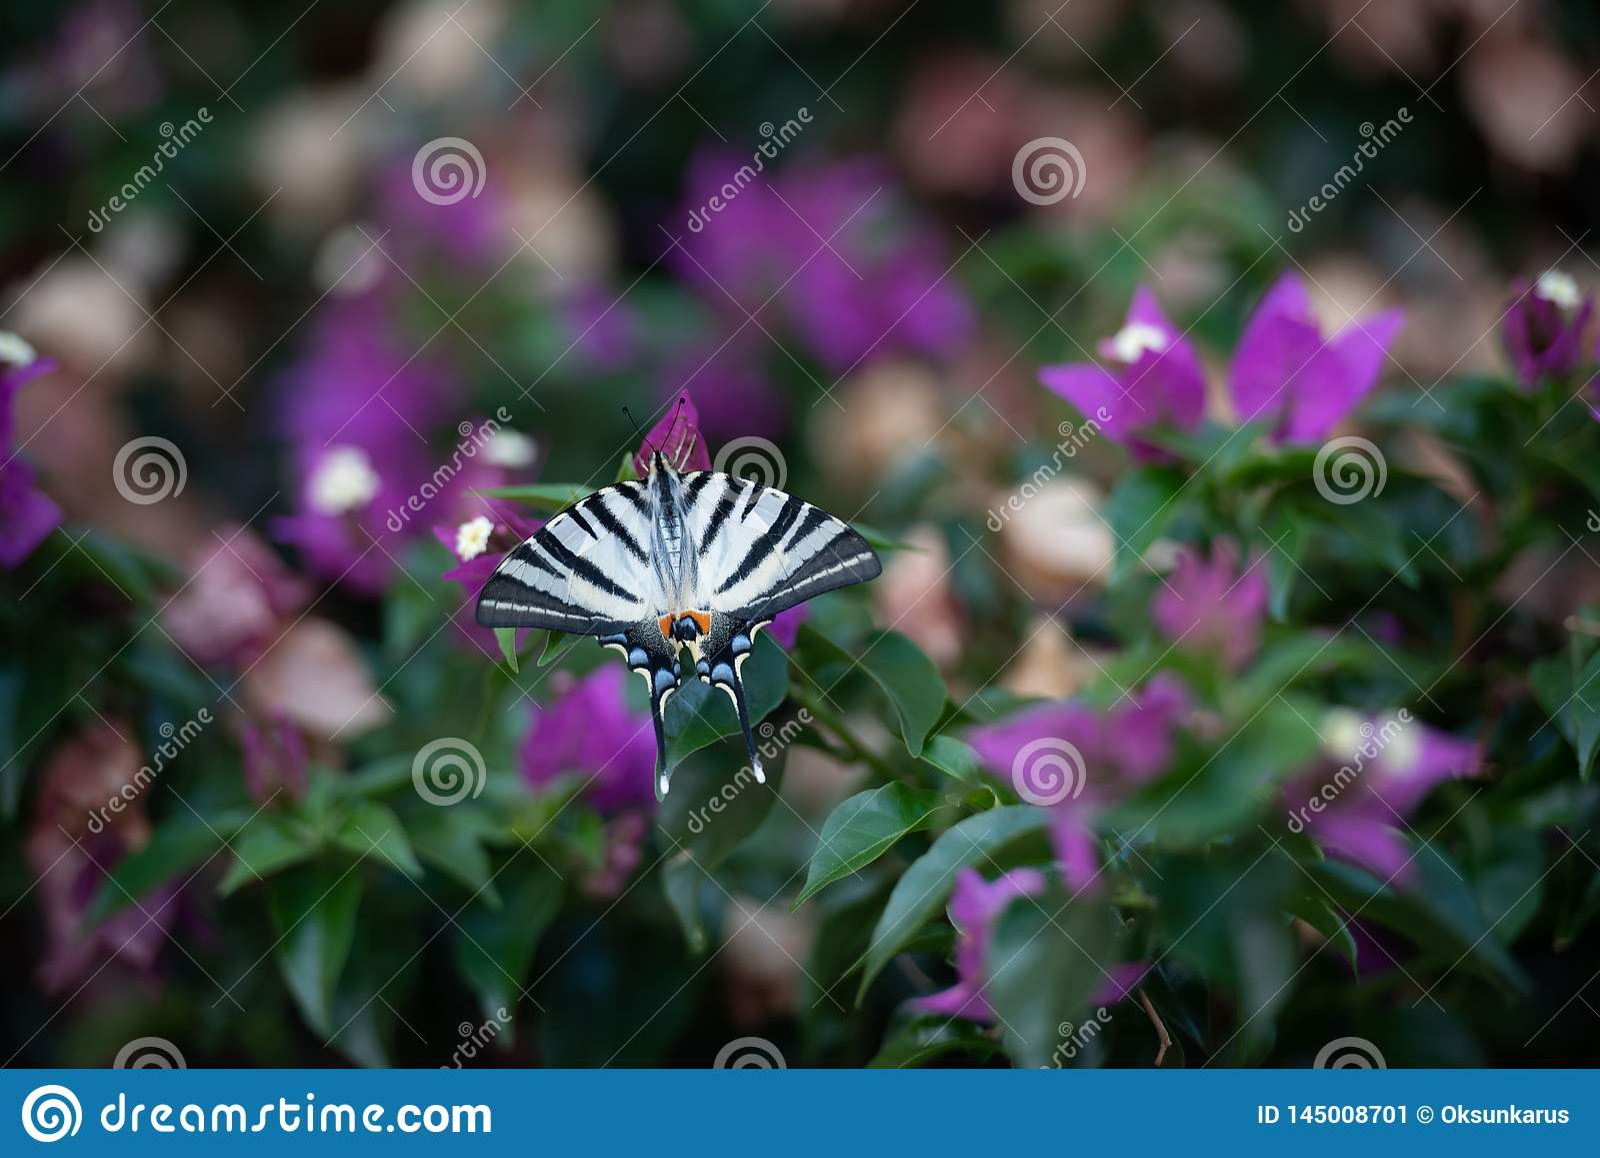 Белая бабочка с черными нашивками на зеленой предпосылке с пурпурными